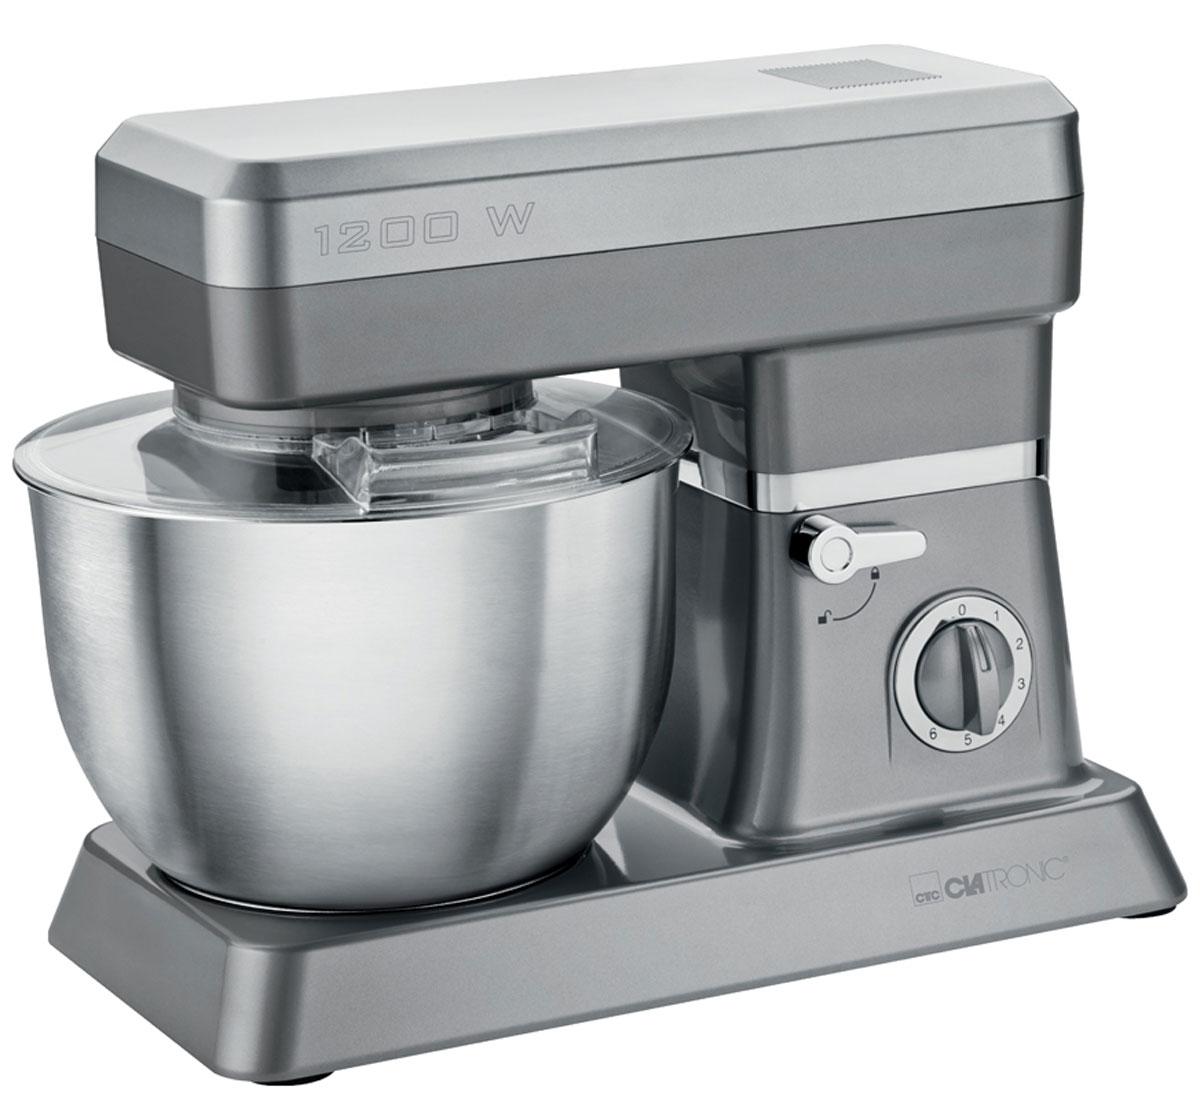 Clatronic KM 3630, Gray миксер стационарныйKM 3630 titanСтационарный миксер Clatronic KM 3630 станет прекрасным помощником для любой хозяйки С ним вы сможете готовить невероятно вкусные и аппетитные блюда, при этом сократив время их приготовление. Основным назначением прибора является изготовление различных видов теста и кремов. Миксер качественно и быстро перемешивает различные ингредиенты, что дает возможность избежать комочков. Clatronic KM 3630 снабжен чашей из нержавеющей стали и механической системой управления. 6 скоростей замешивания + импульсный режим обеспечат наилучший результат. Поворотный рукав на 35° Чаша из нержавеющей стали Быстрозажимной патрон Легко разбирается для мытья и чистки